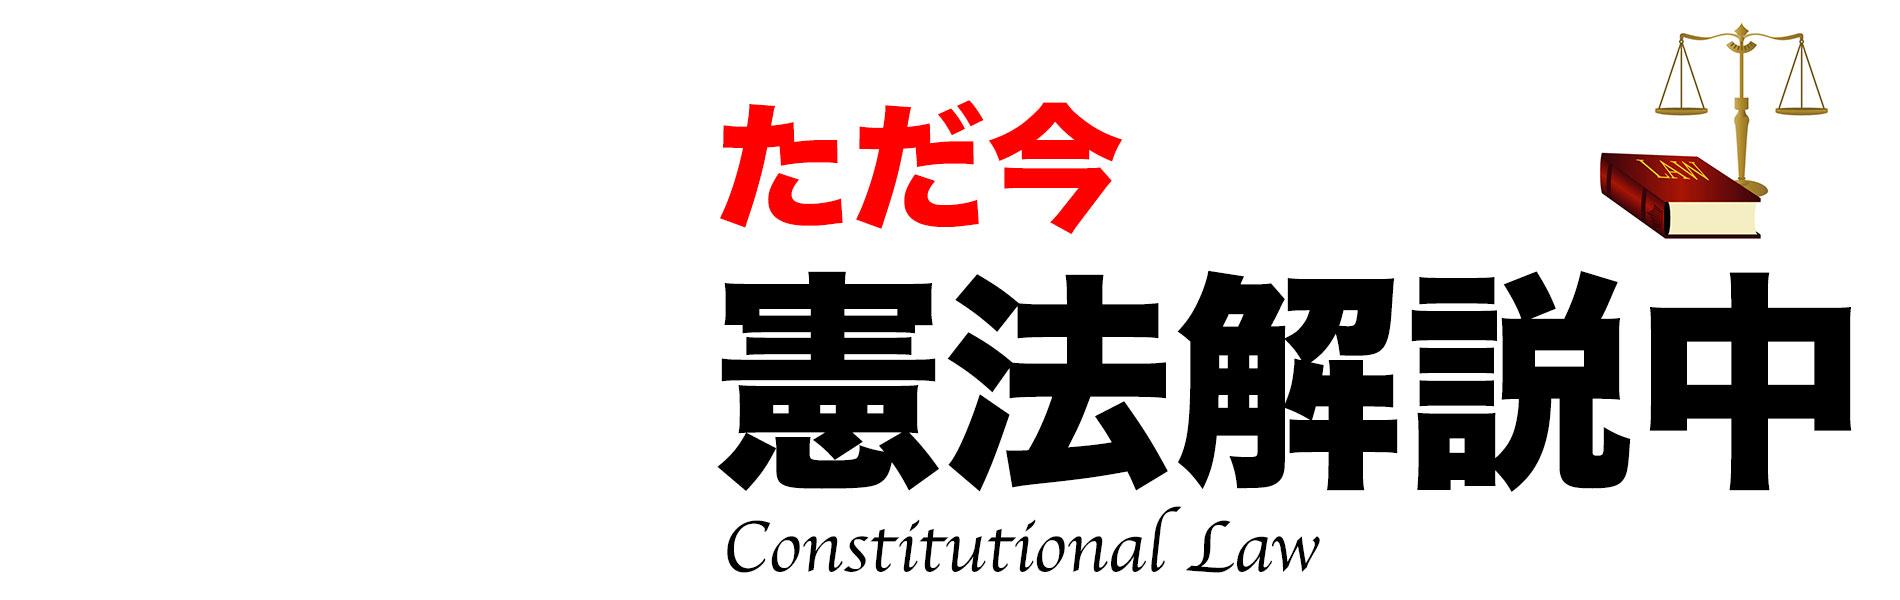 ただ今、憲法解説中